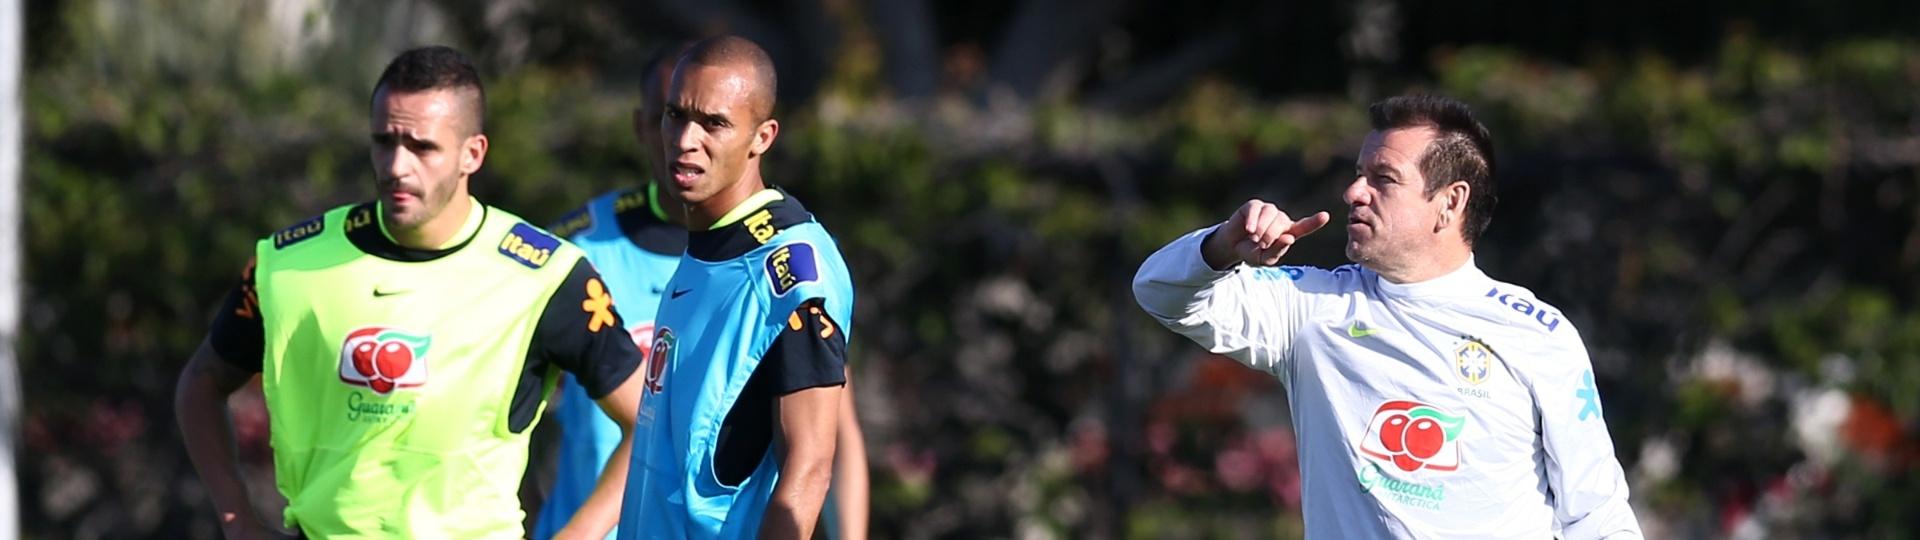 Dunga dá orientações a seus jogadores em treino da seleção brasileira